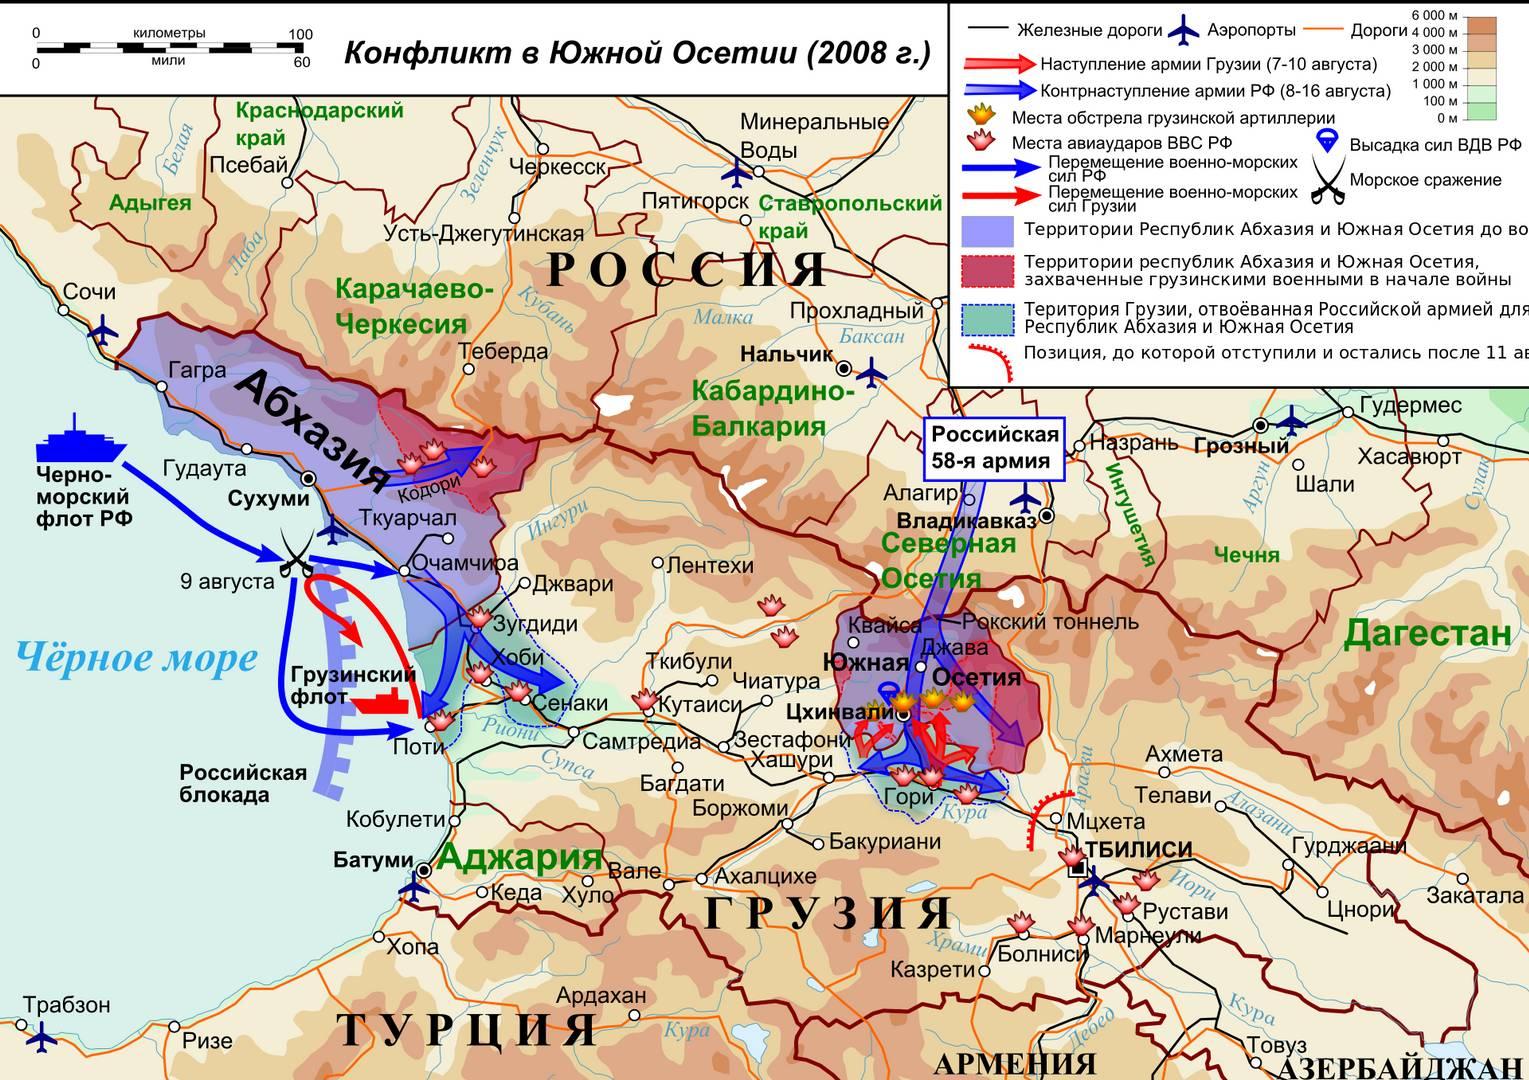 Война в Южной Осетии 2008 г.